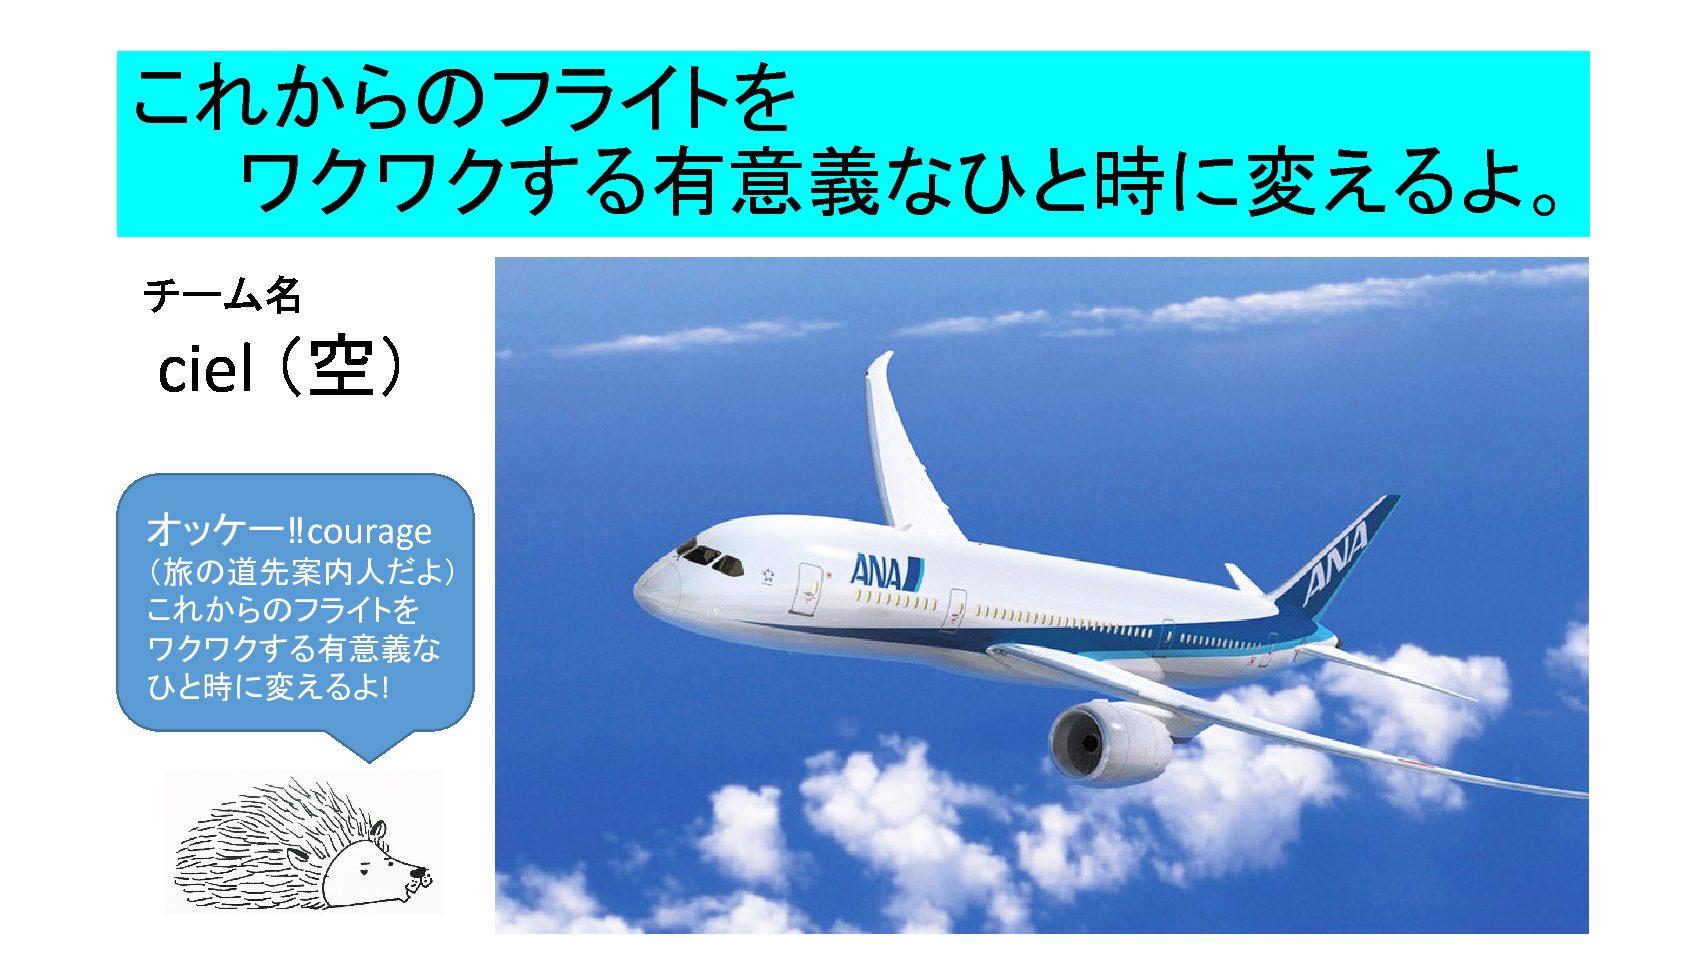 もう一つのチーム名は  ciel(空) ✈️全日空イベント